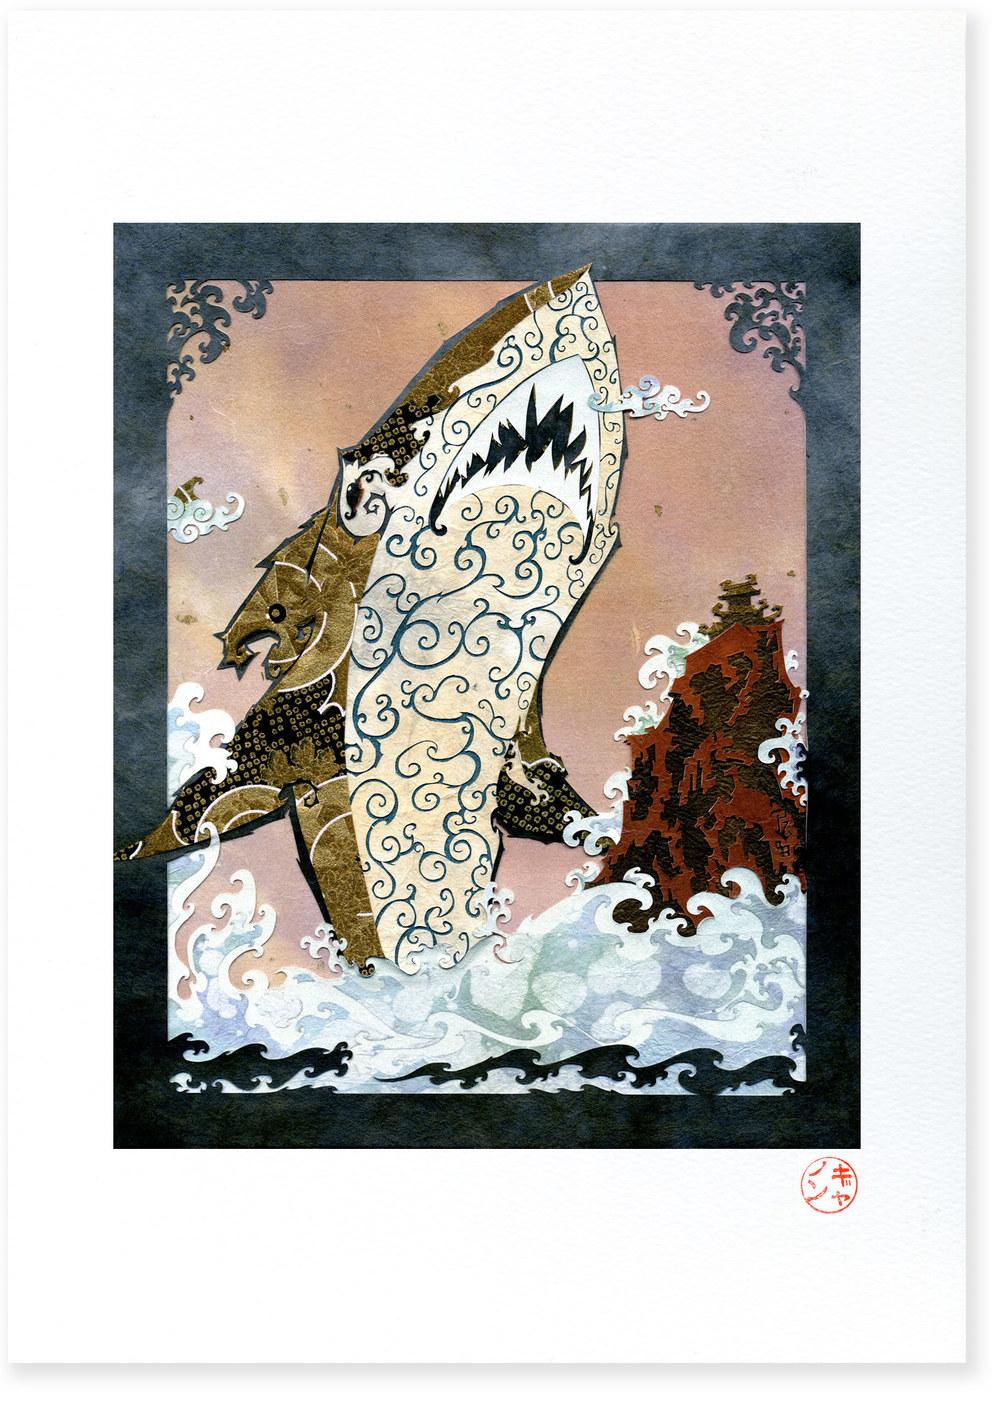 Sharky_Print.jpg